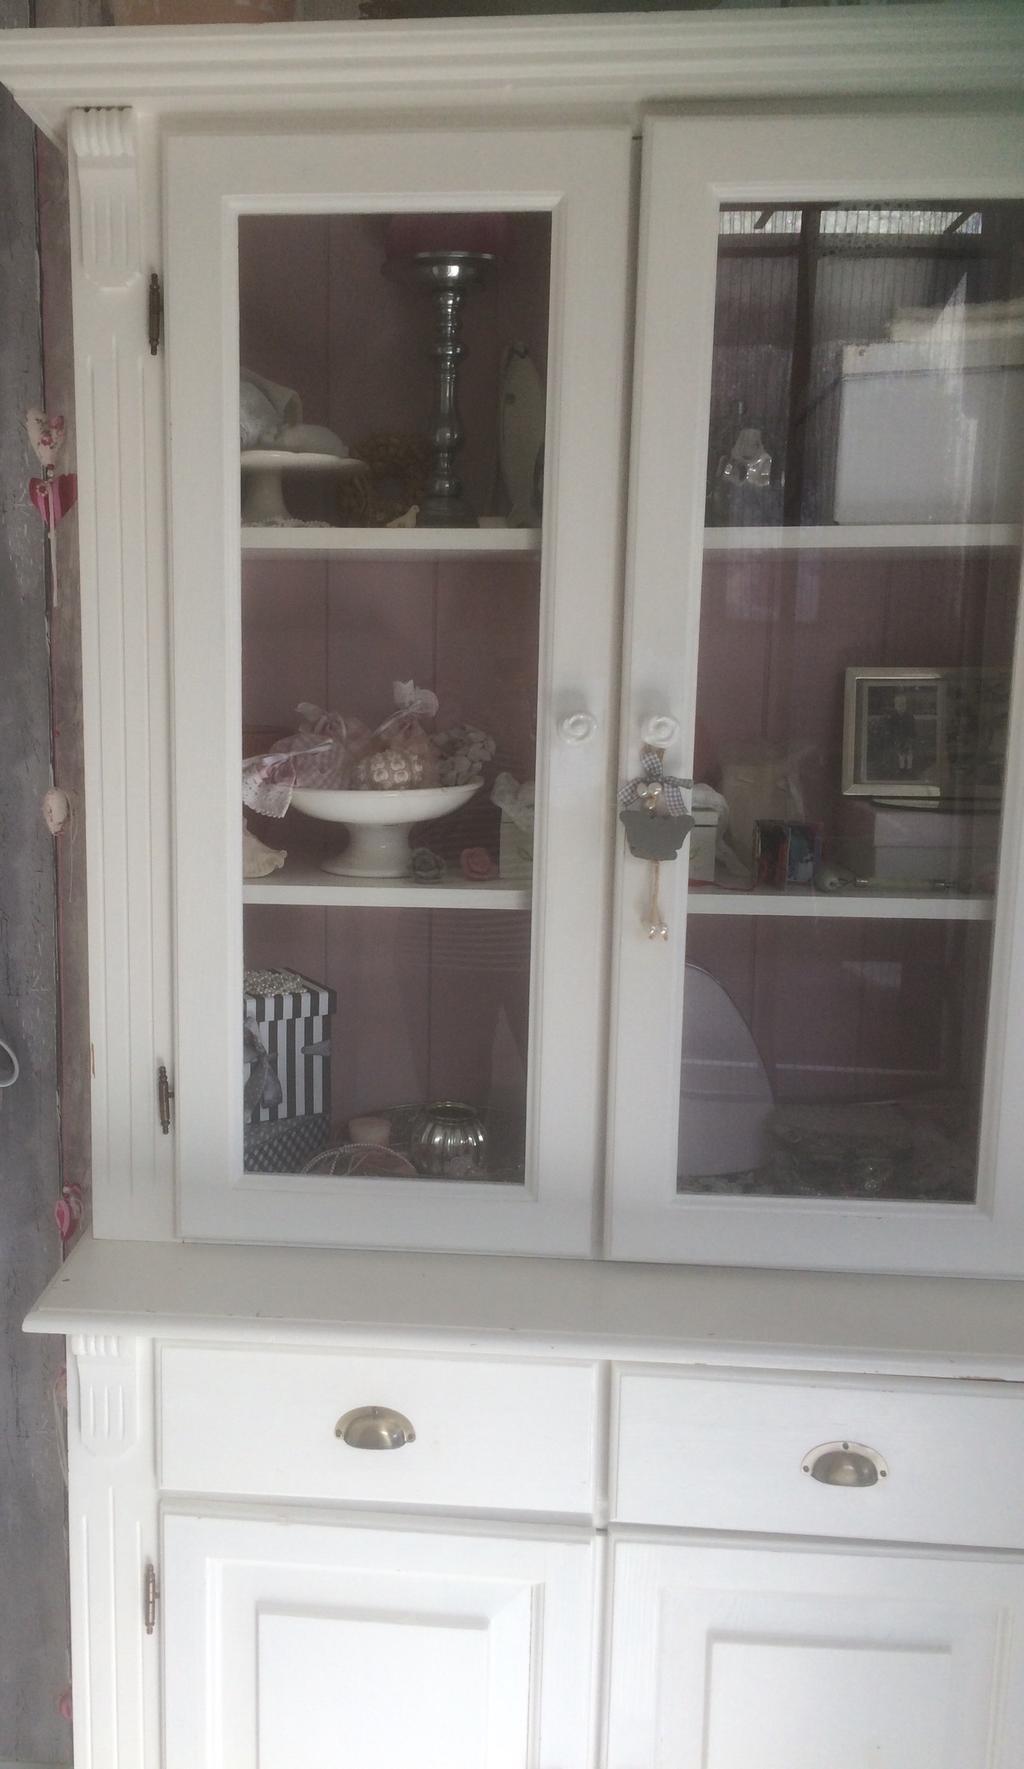 deze-witte-servieskast-staat-nu-op-de-slaapkamer-hij-komt-in-de-keuken-te-staan-tegenover-de-eethoek-hoe-mooi-zal-daar-het-servies-in-staan